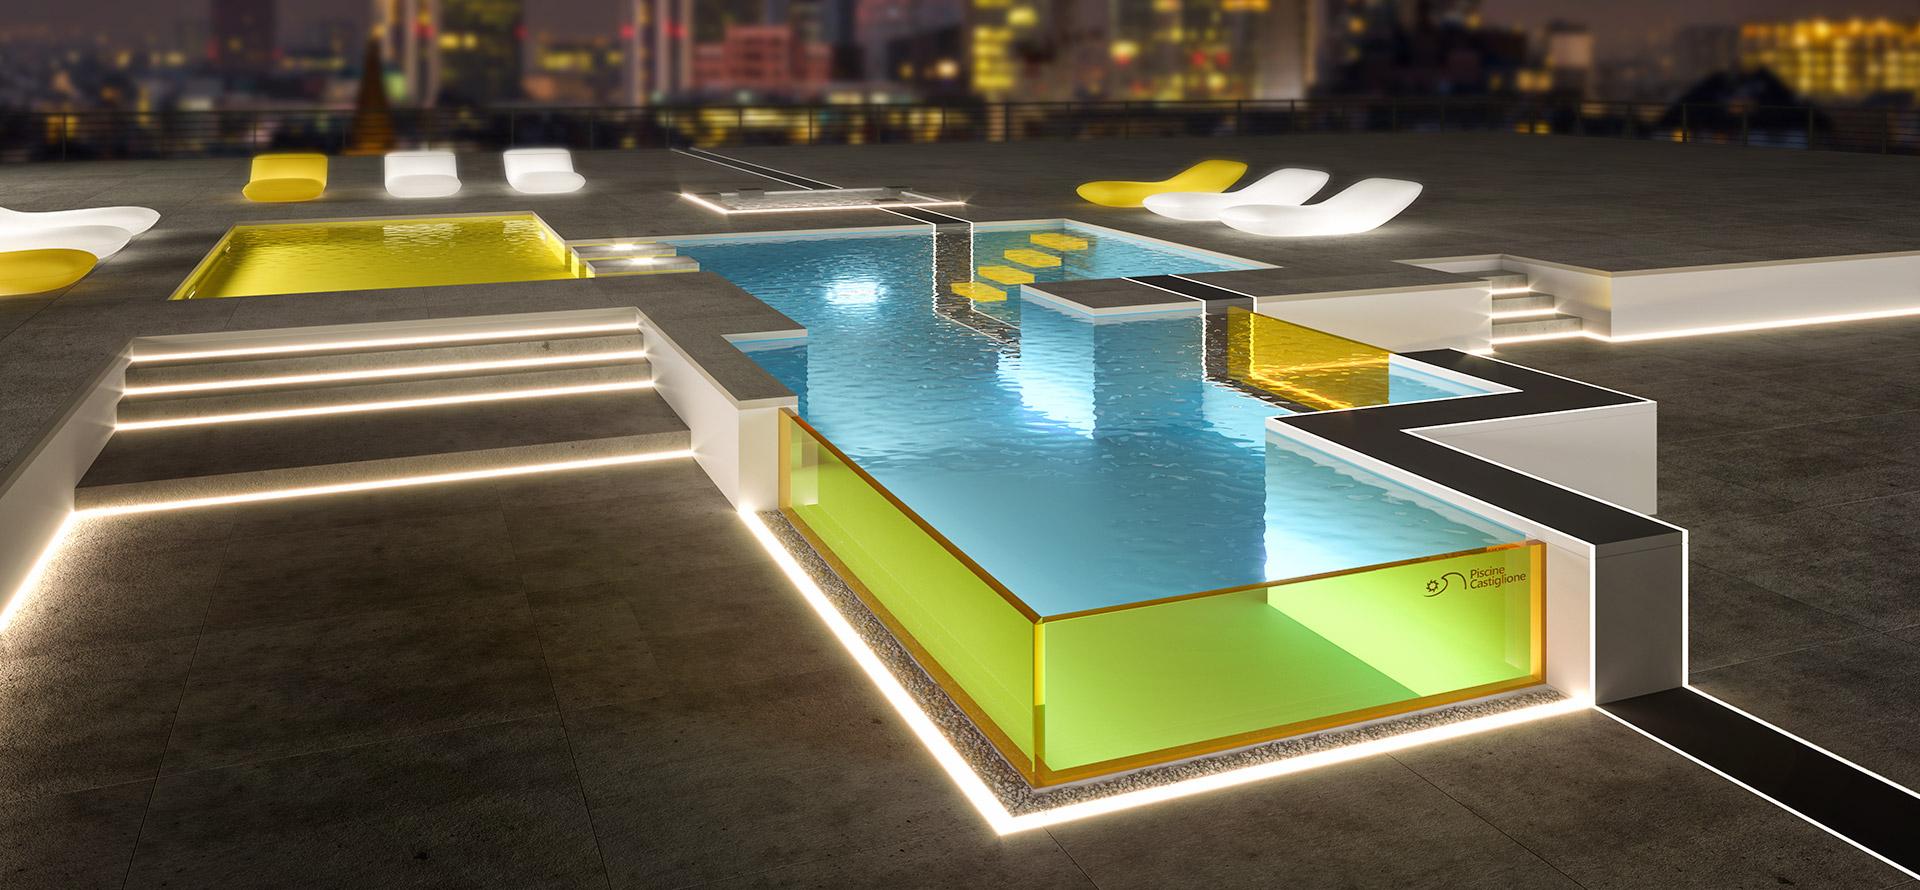 piscine-castiglione-2020-piscine-del-futuro